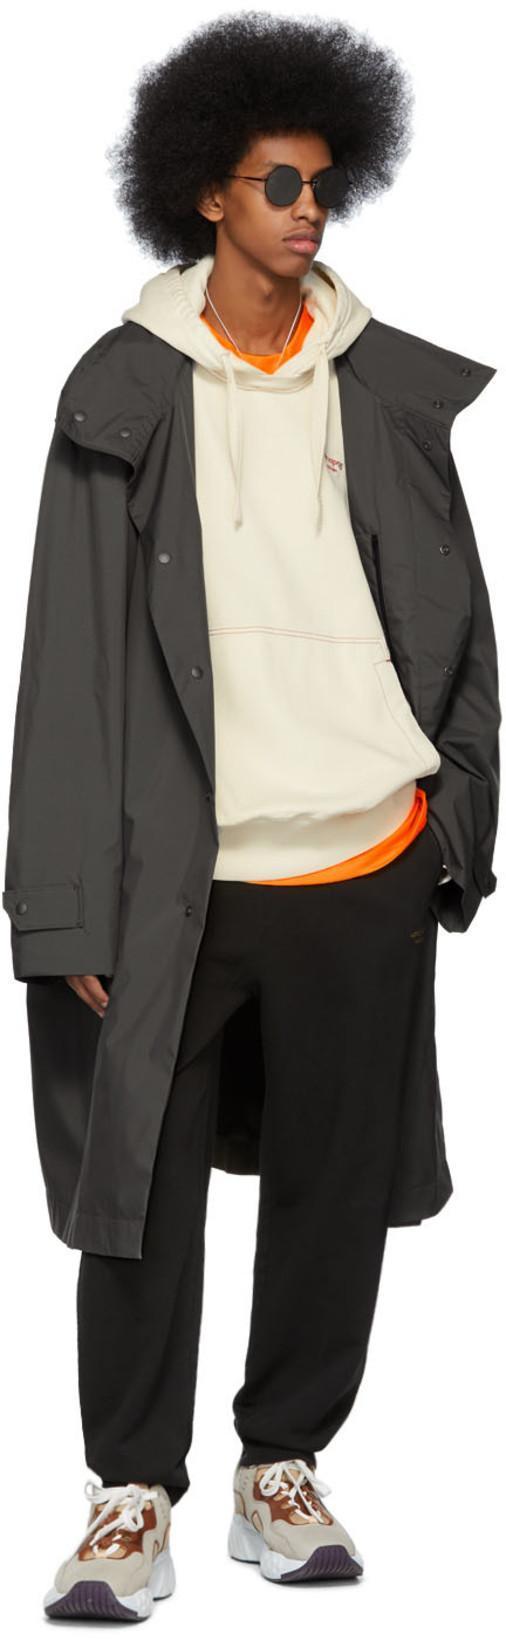 7dc8913946385 Acne Studios Scientist Sunglasses In Black Satin   Black